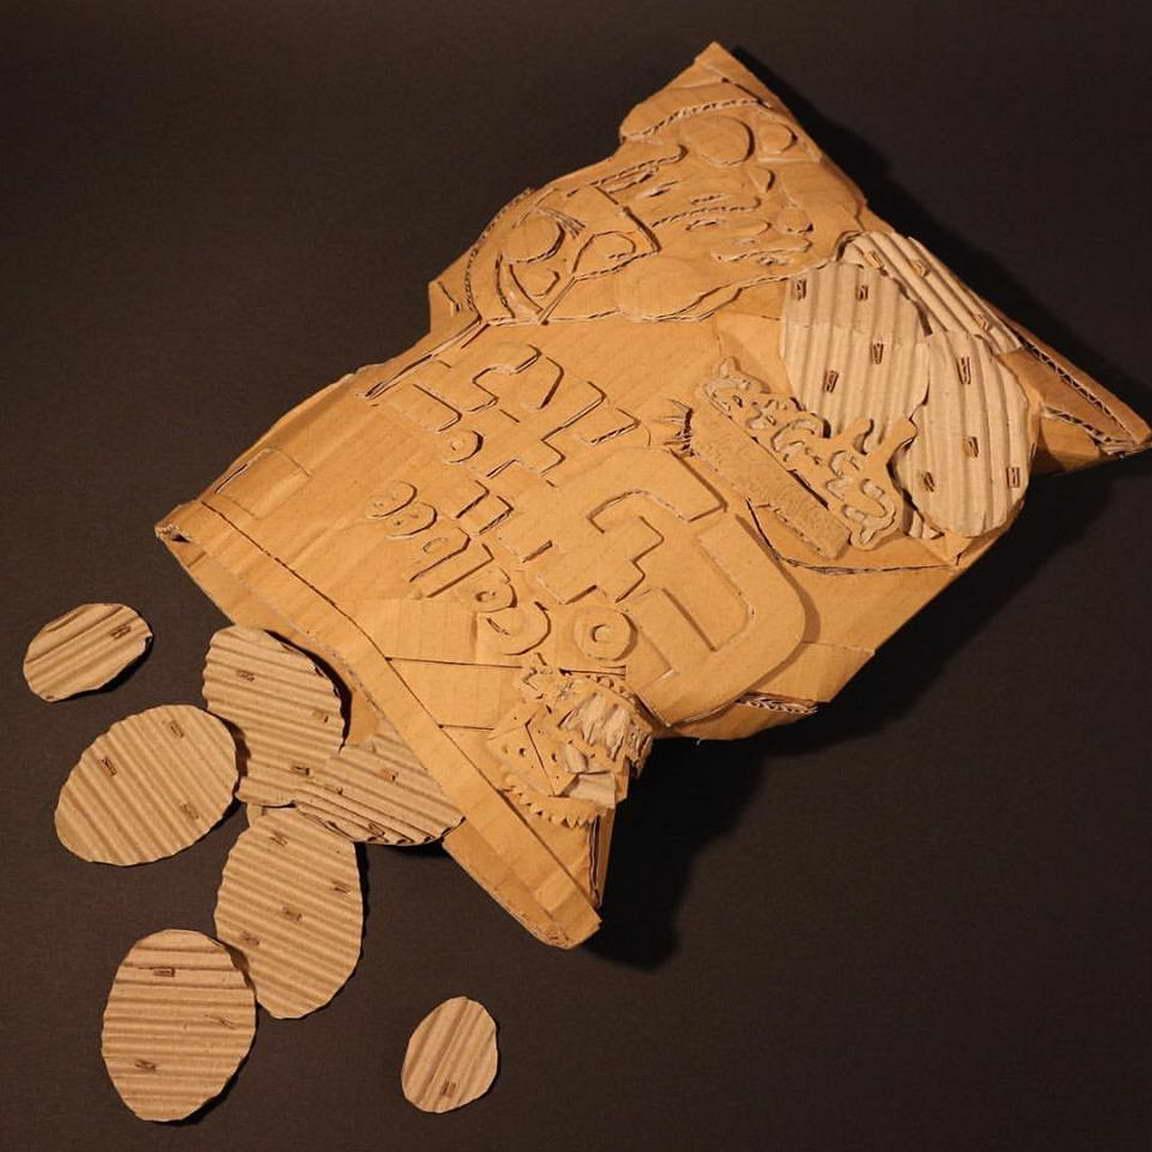 régi papírdobozok újrahasznosítása - chips